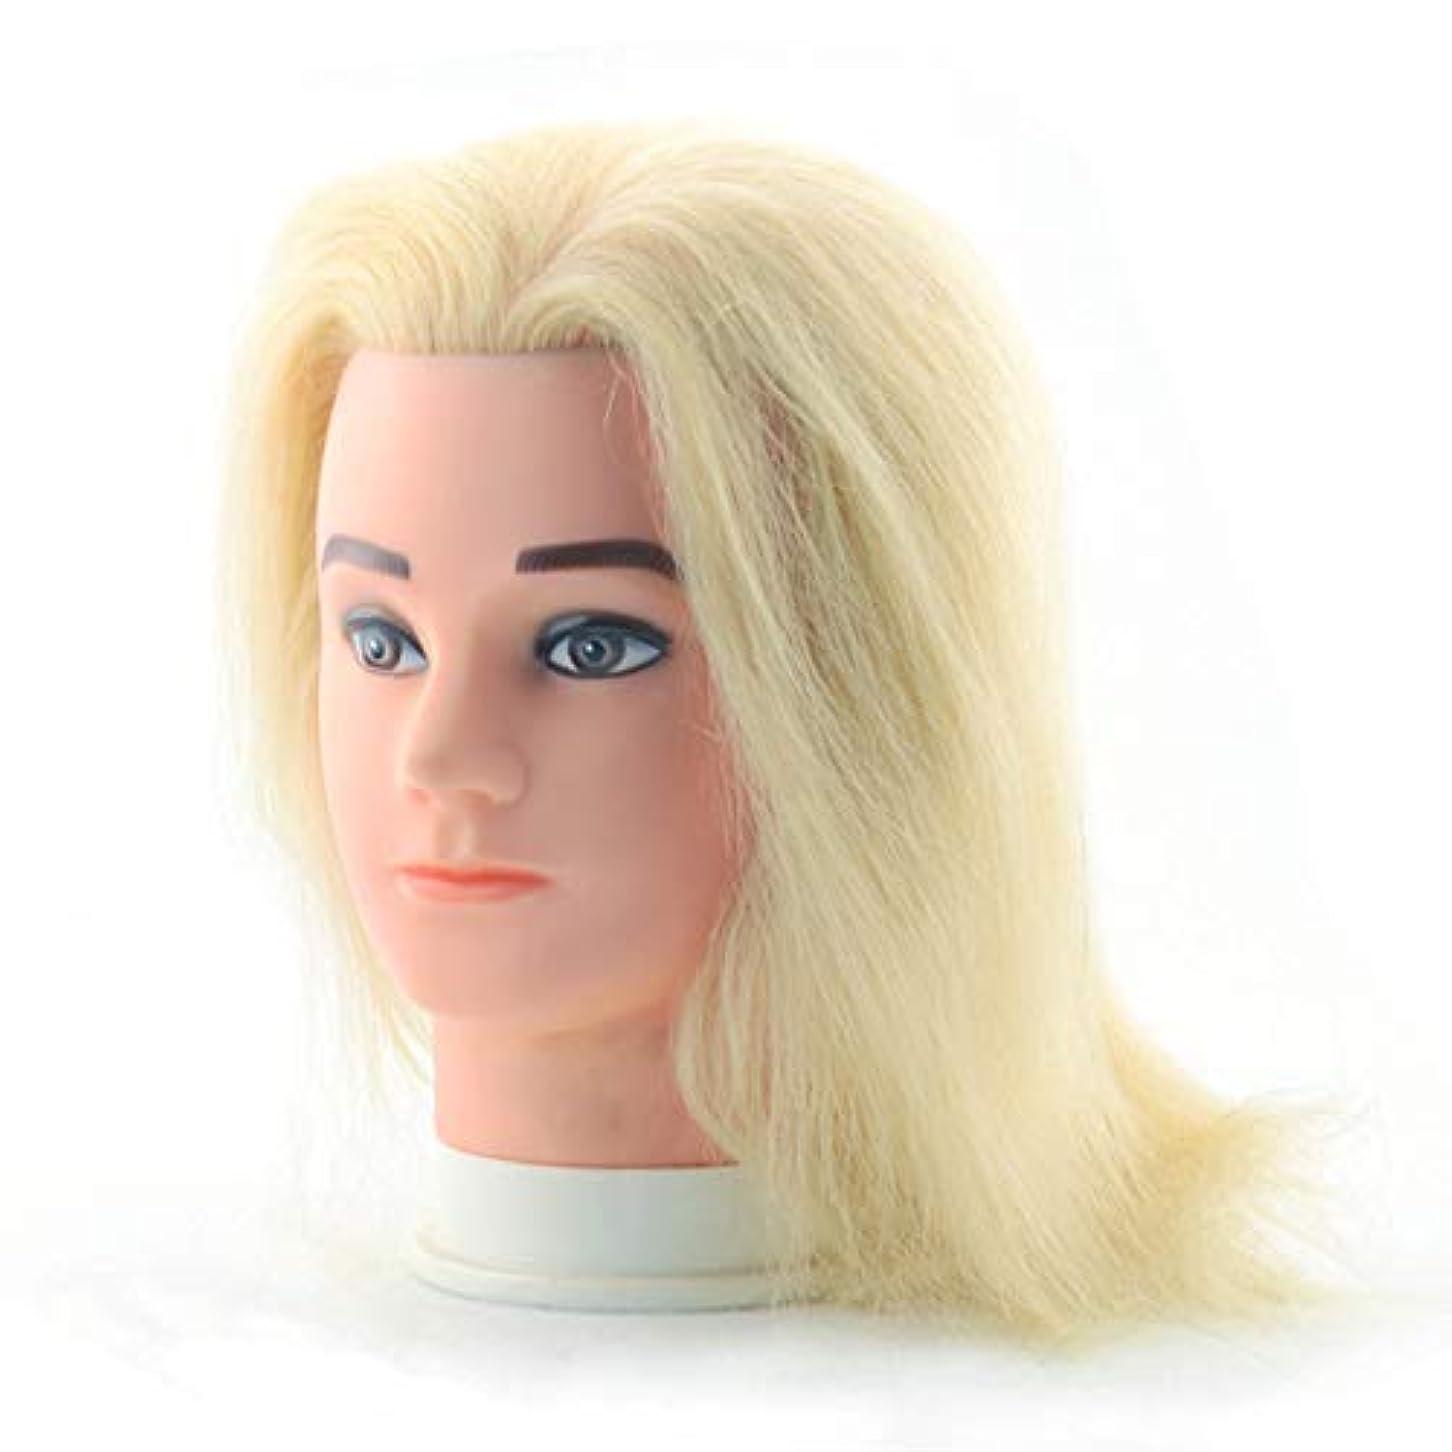 航空便消化靴下理髪店の男性の化粧本物の人の毛のダミーの頭の編集ヘアプラクティスモデルの頭を染色することができます頭金